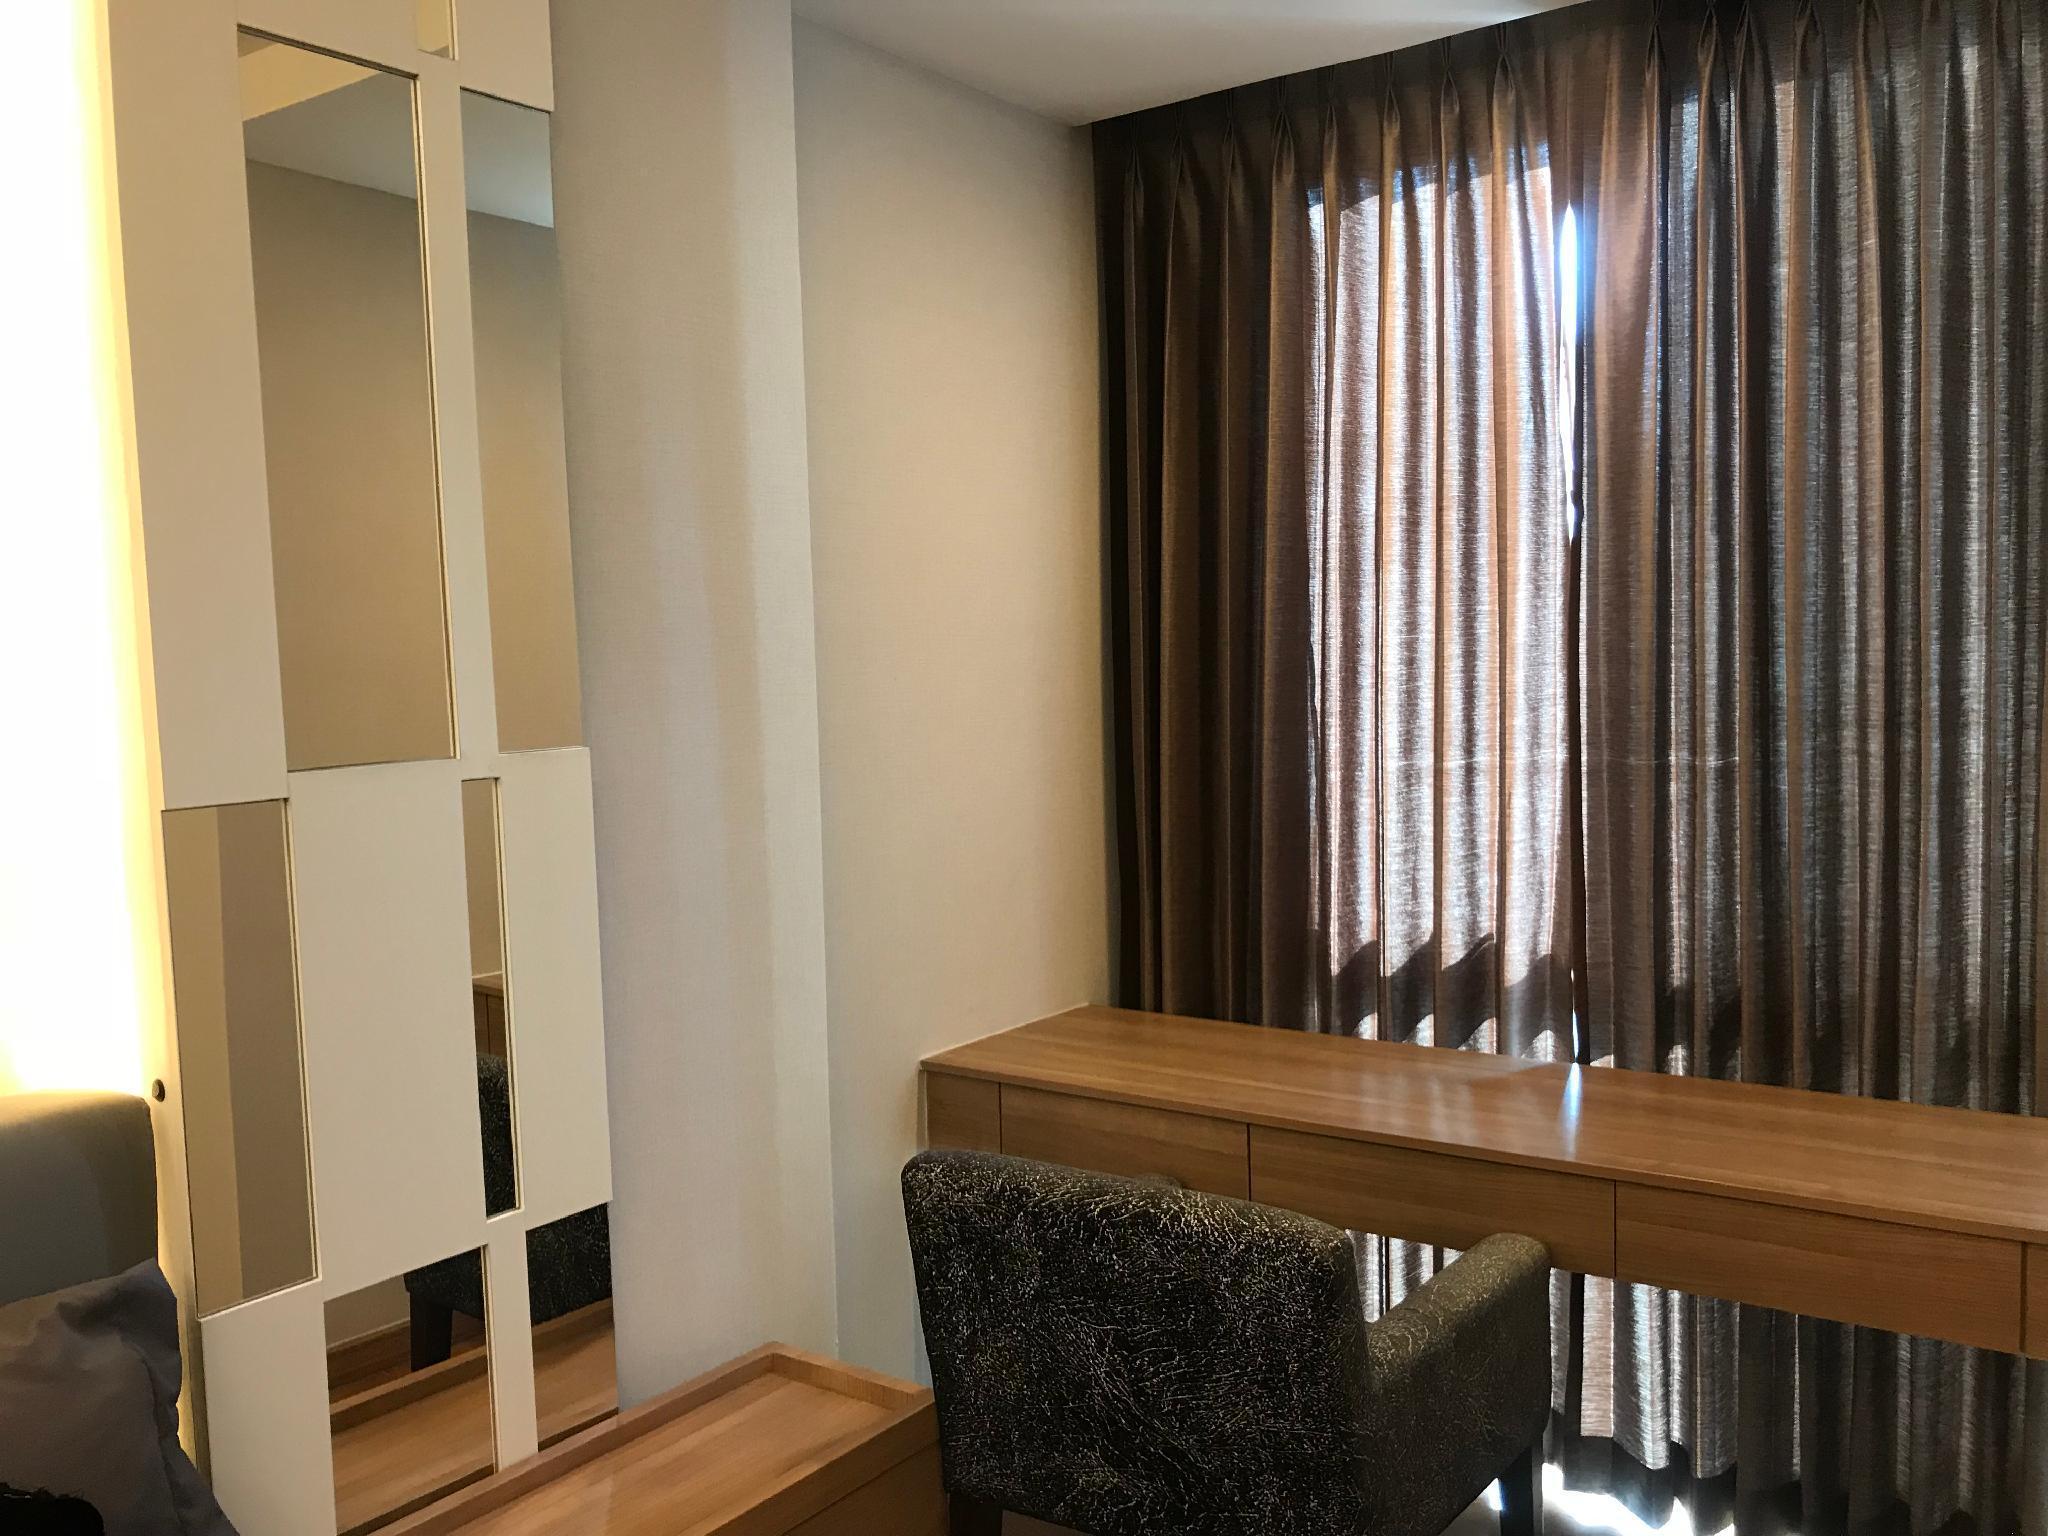 EveRyDaY SUKHUMVIT 11-13 ASOK NANA NIGHTLIFE*2 อพาร์ตเมนต์ 1 ห้องนอน 1 ห้องน้ำส่วนตัว ขนาด 38 ตร.ม. – สุขุมวิท